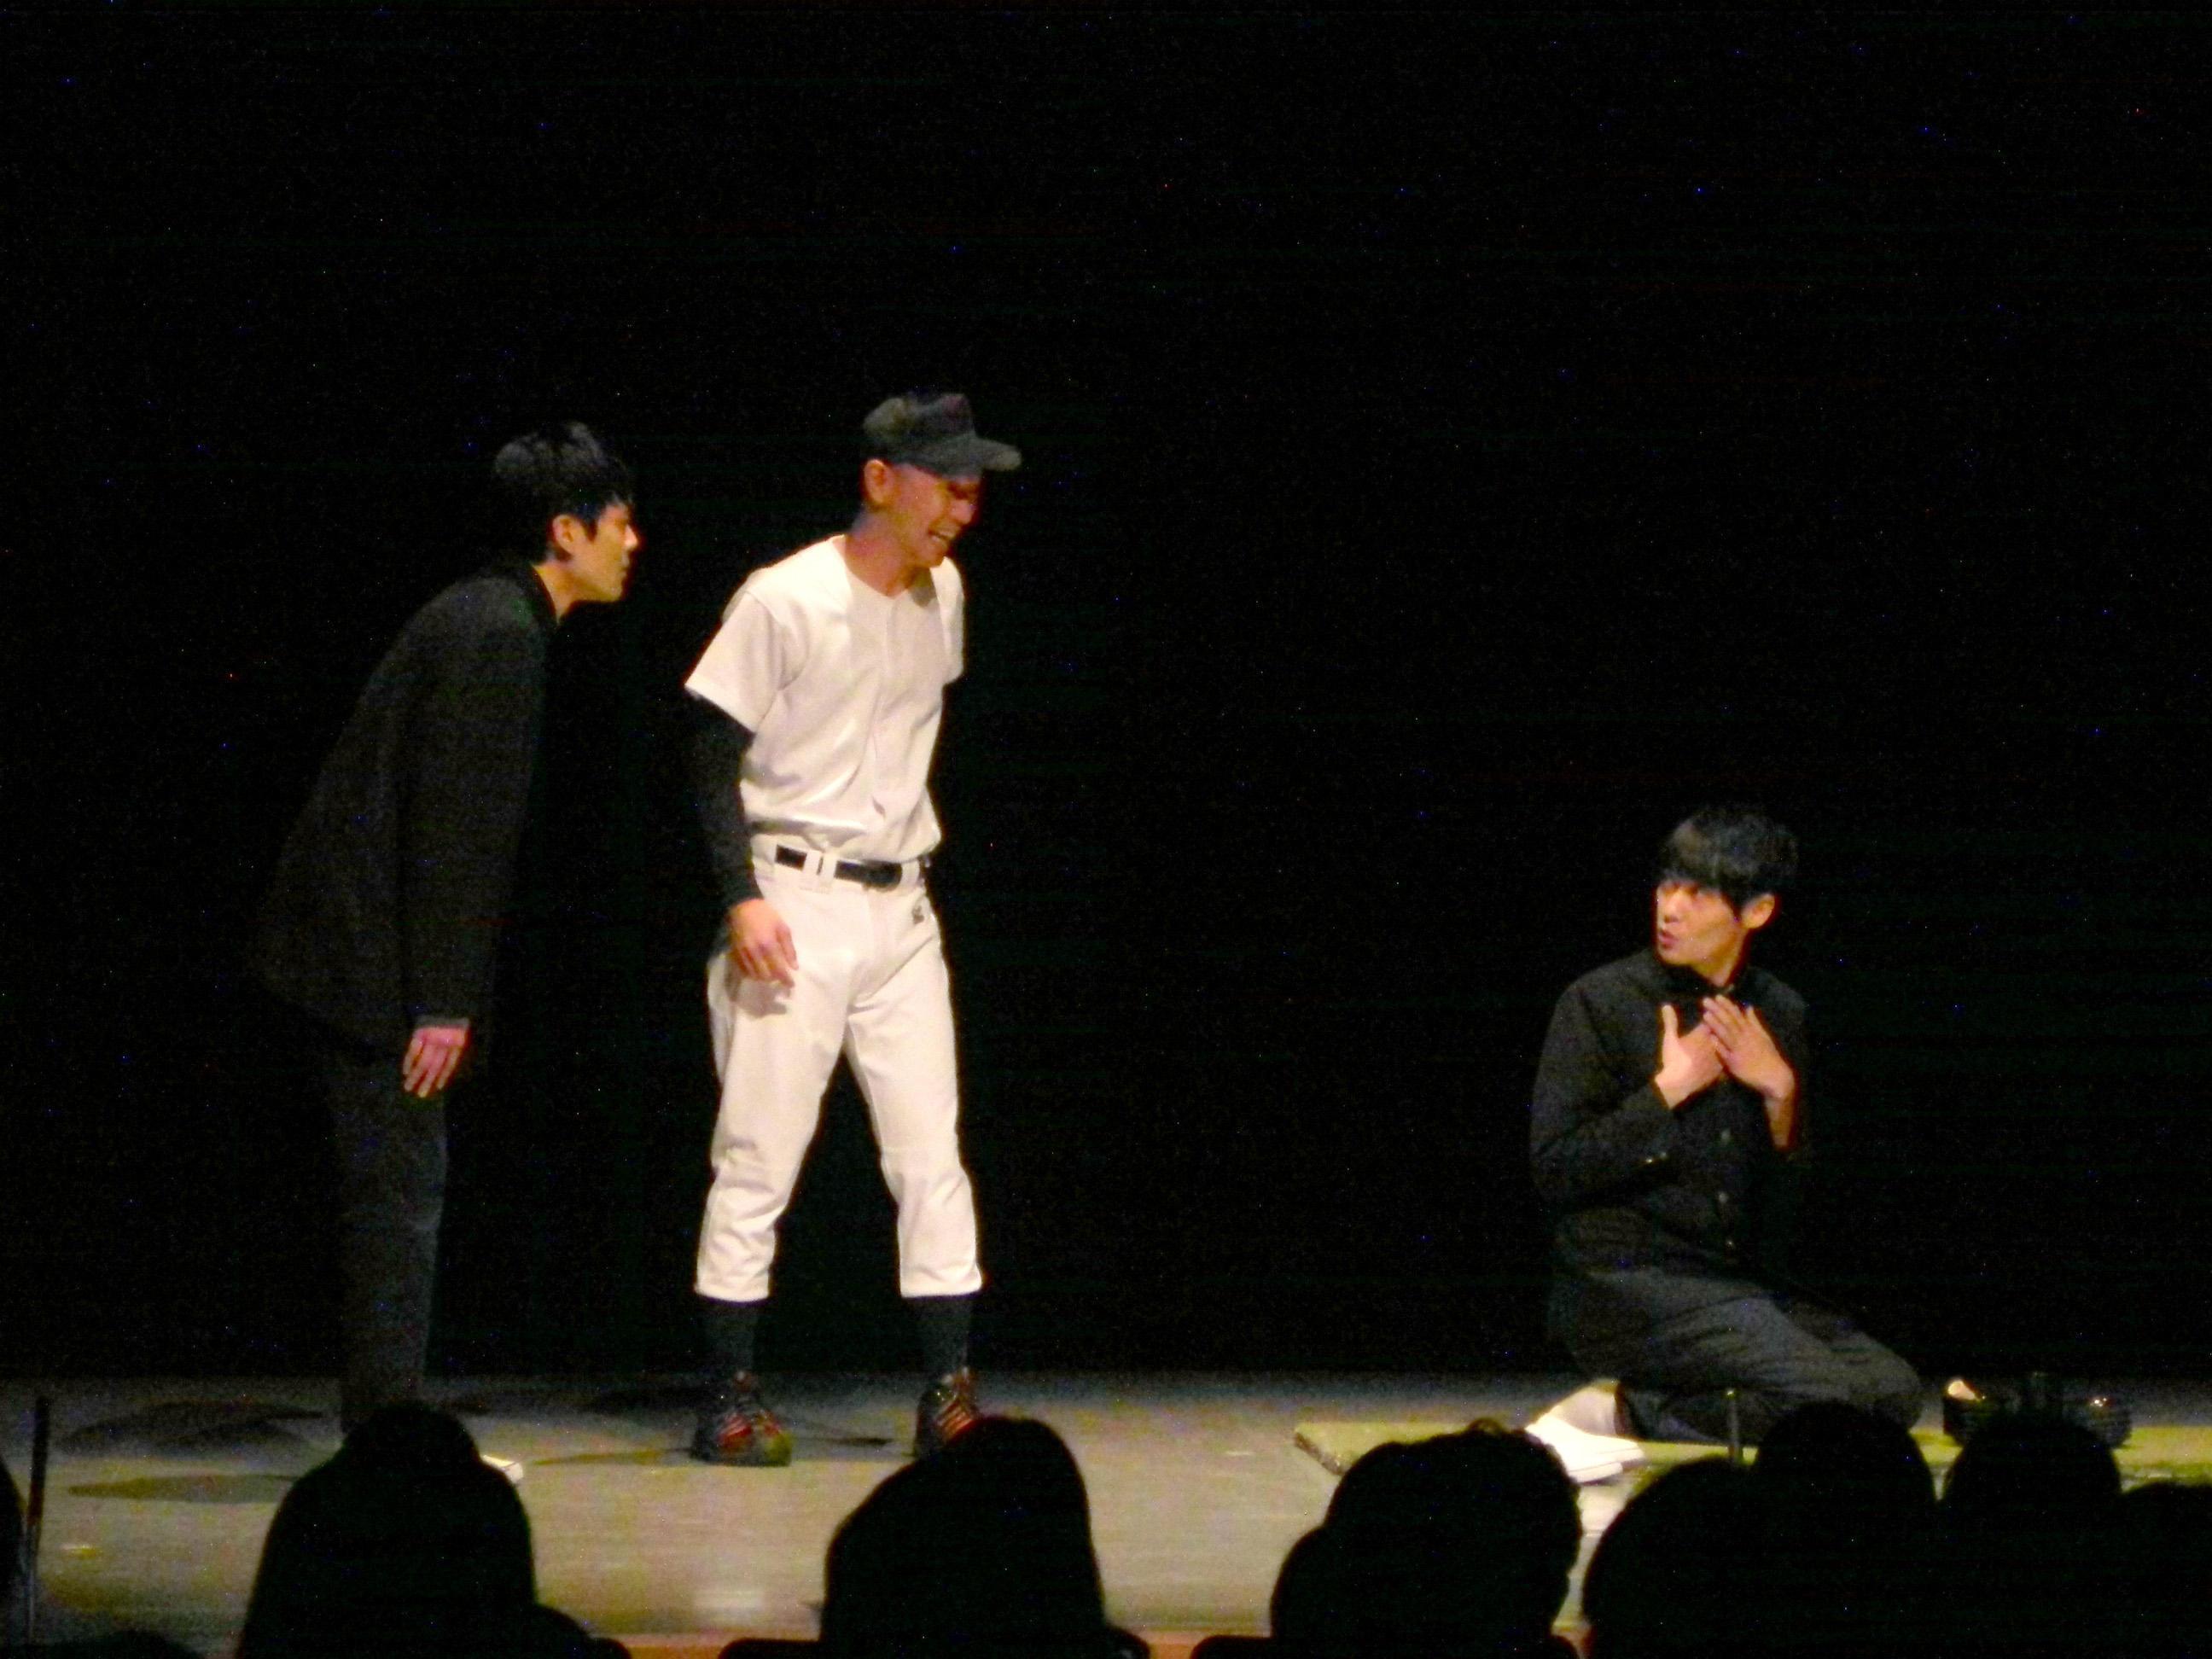 http://news.yoshimoto.co.jp/20170421205631-4f5fa00642b3f1860e7c028fbc33236953de3d3f.jpg